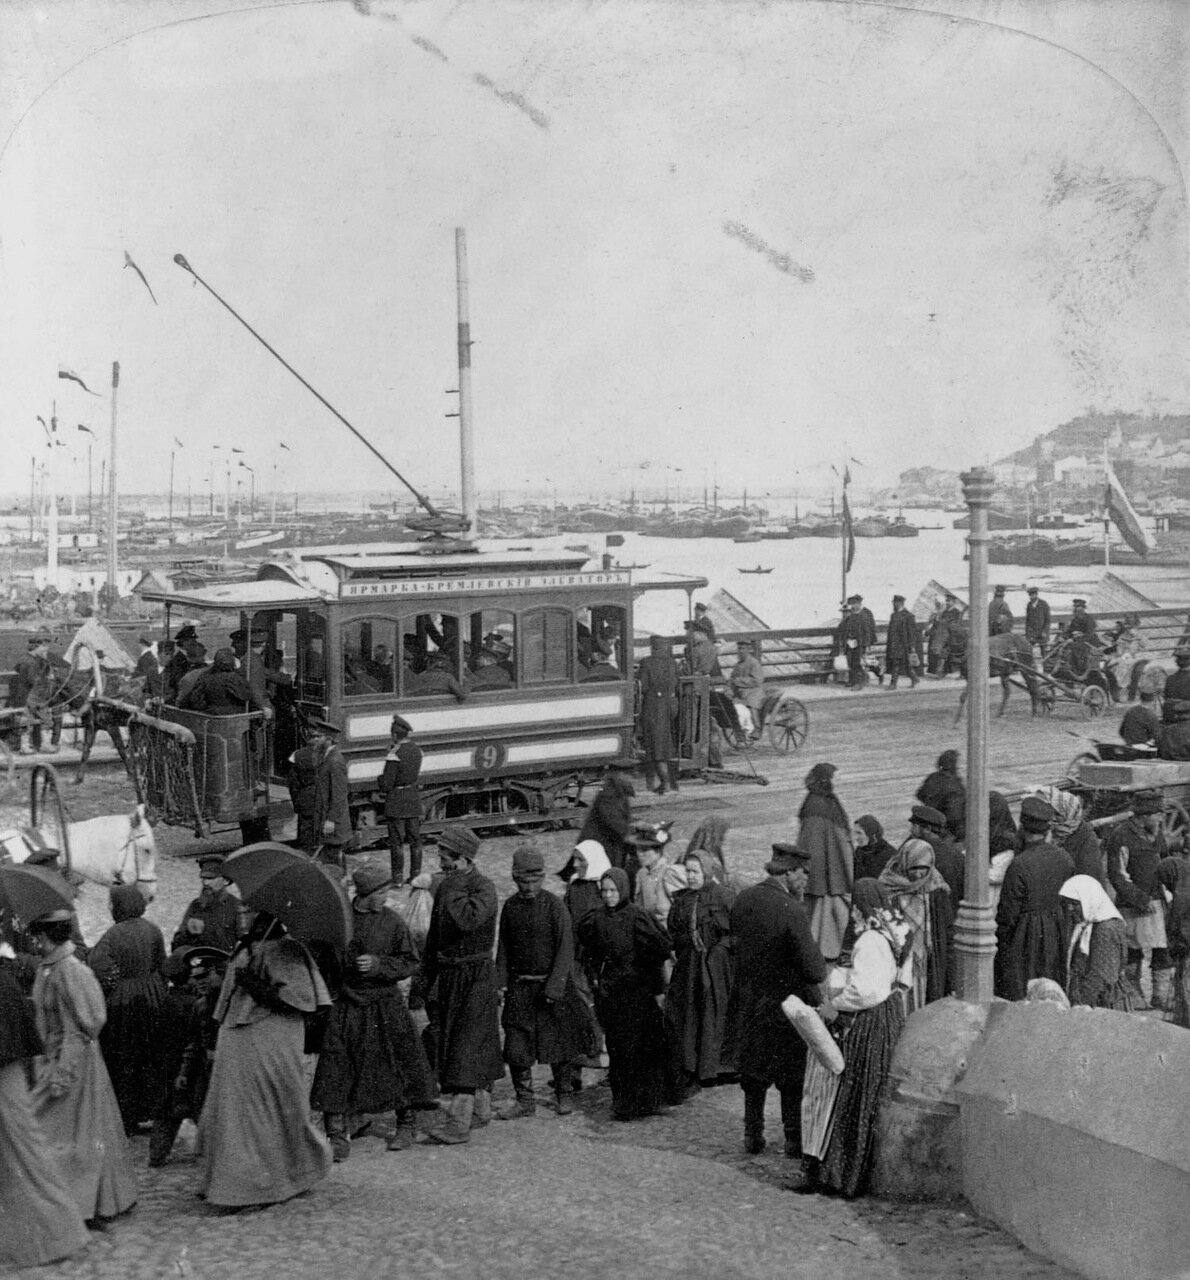 Дорога у пристани. Нижний Новгород, Россия. 1898 г.